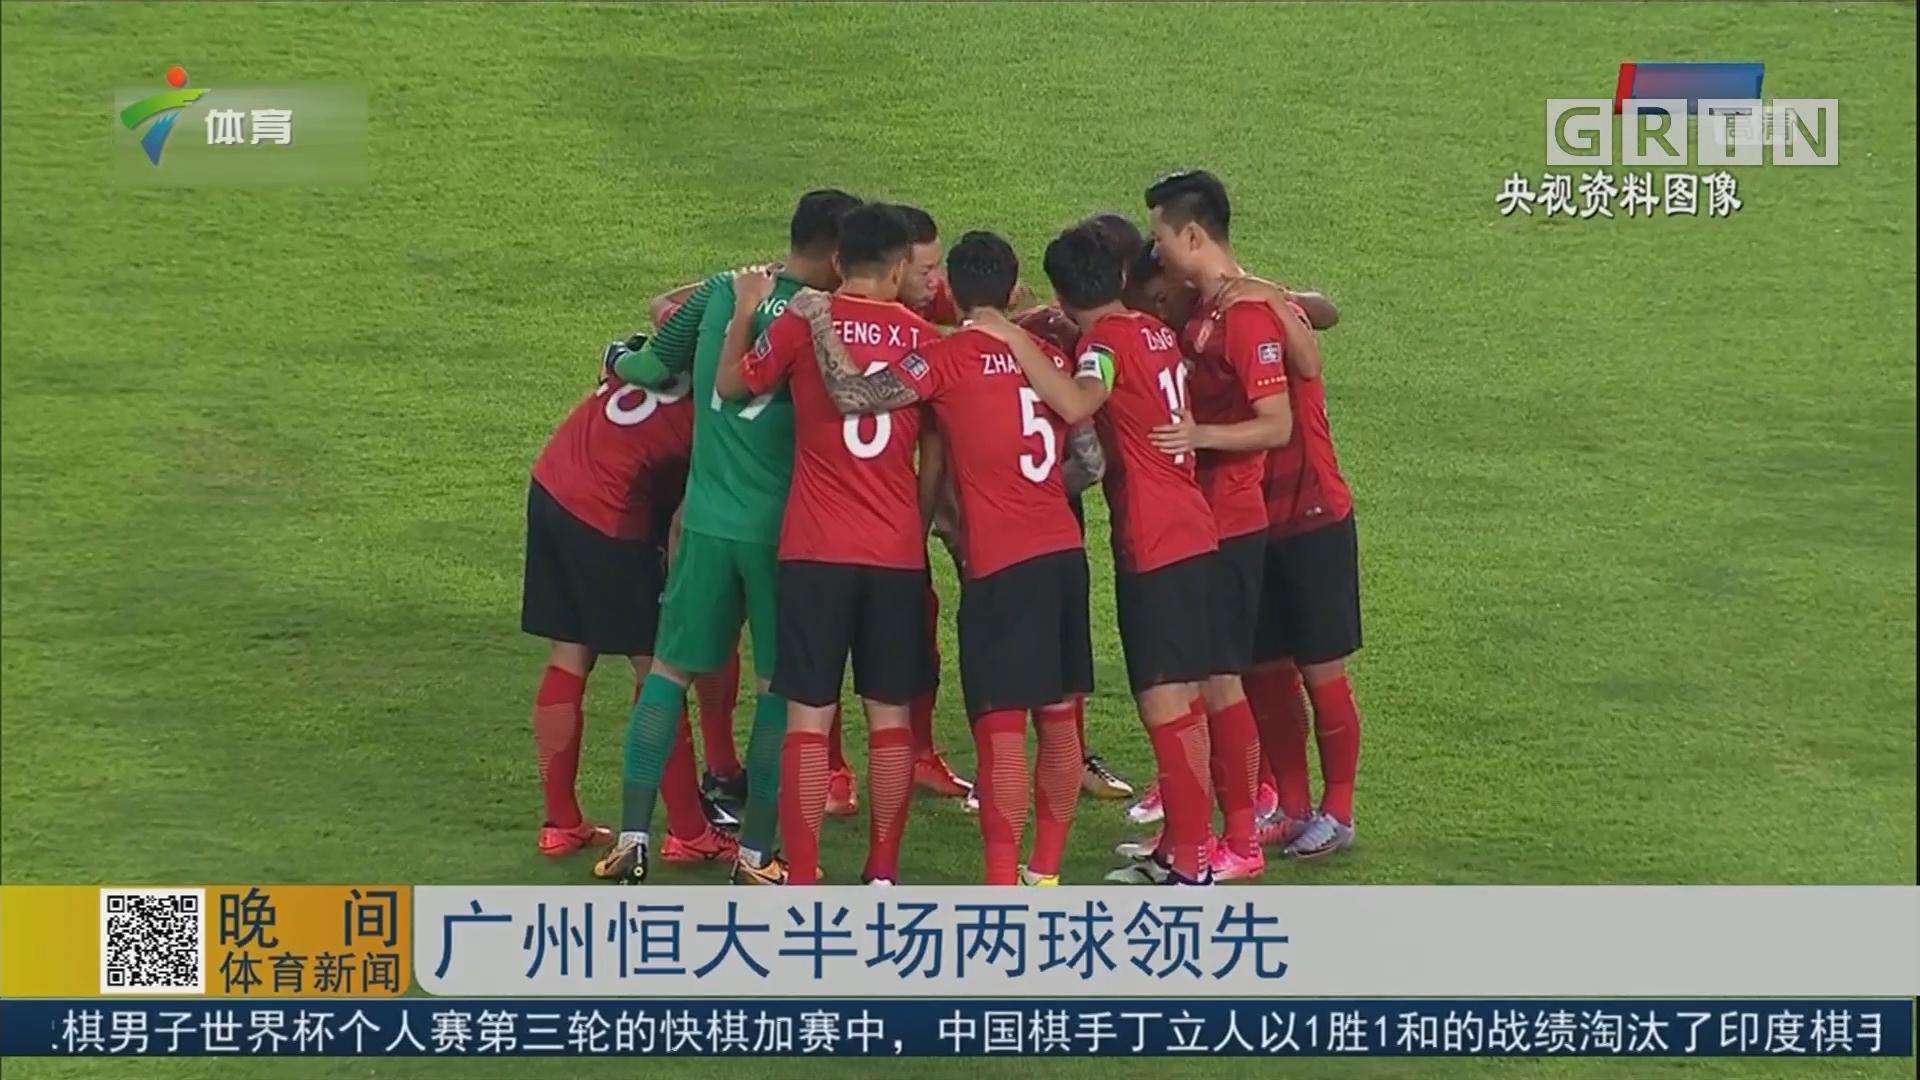 广州恒大半场两球领先